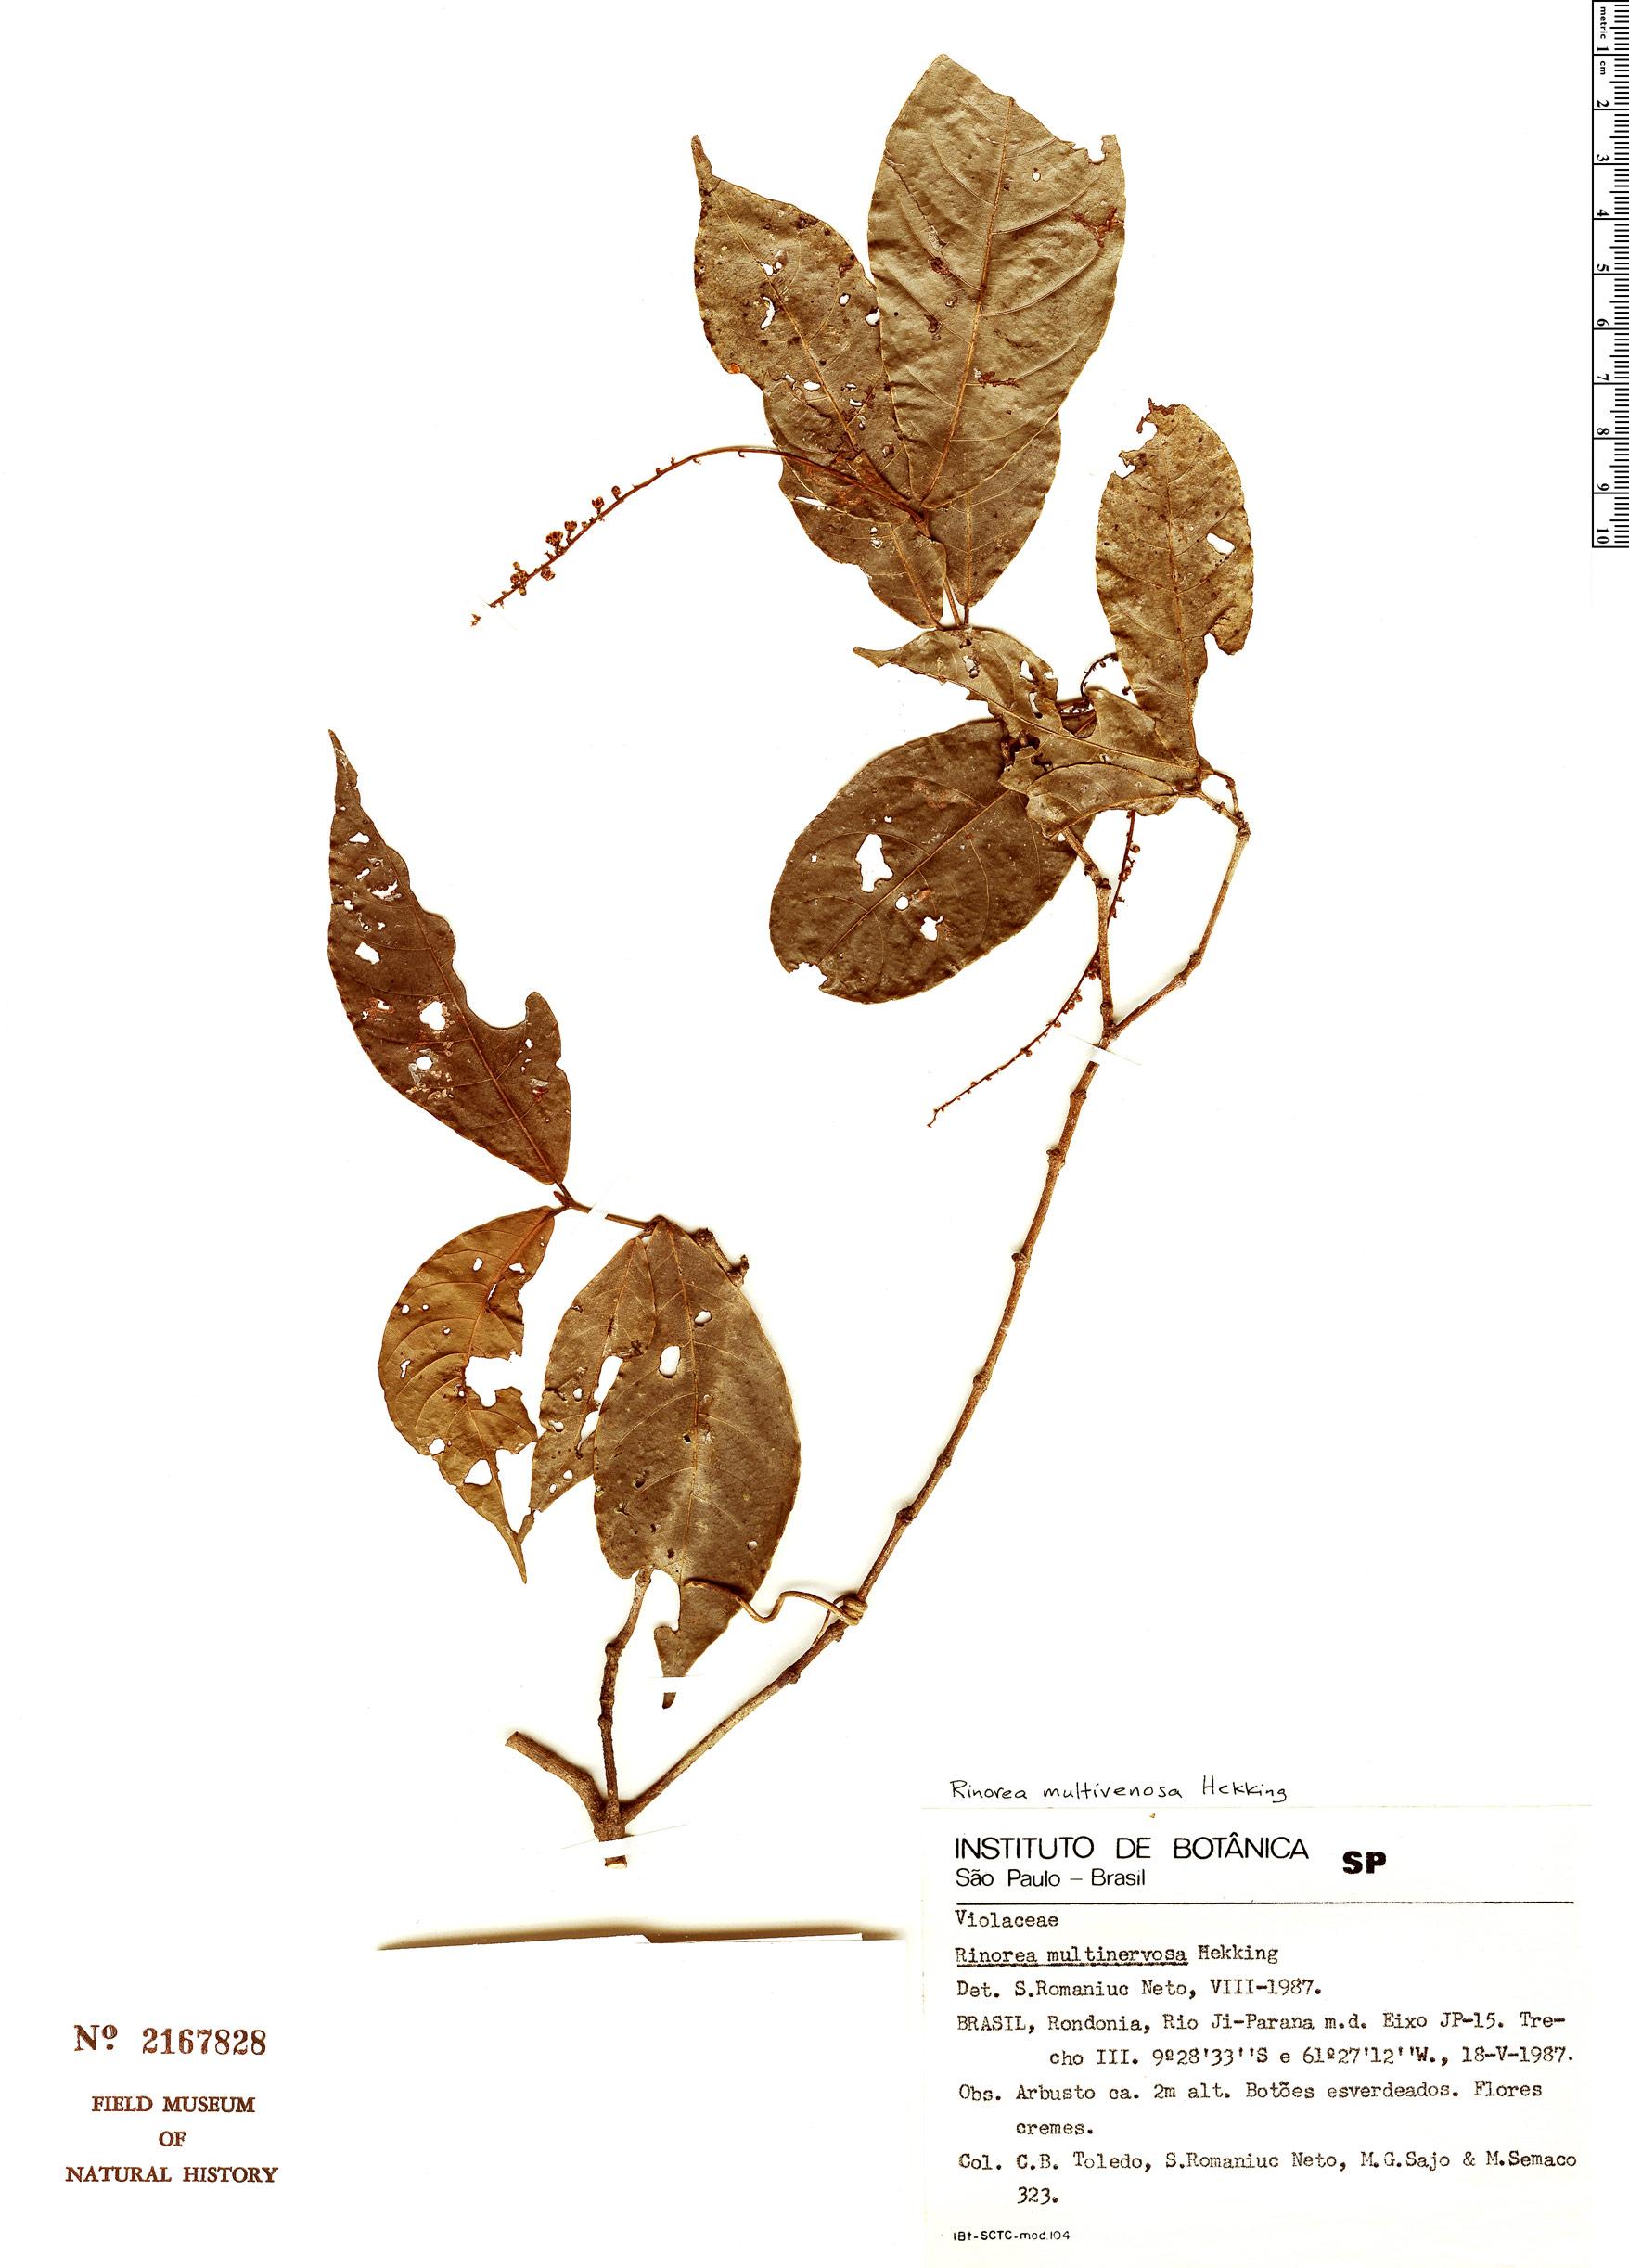 Specimen: Rinorea multivenosa